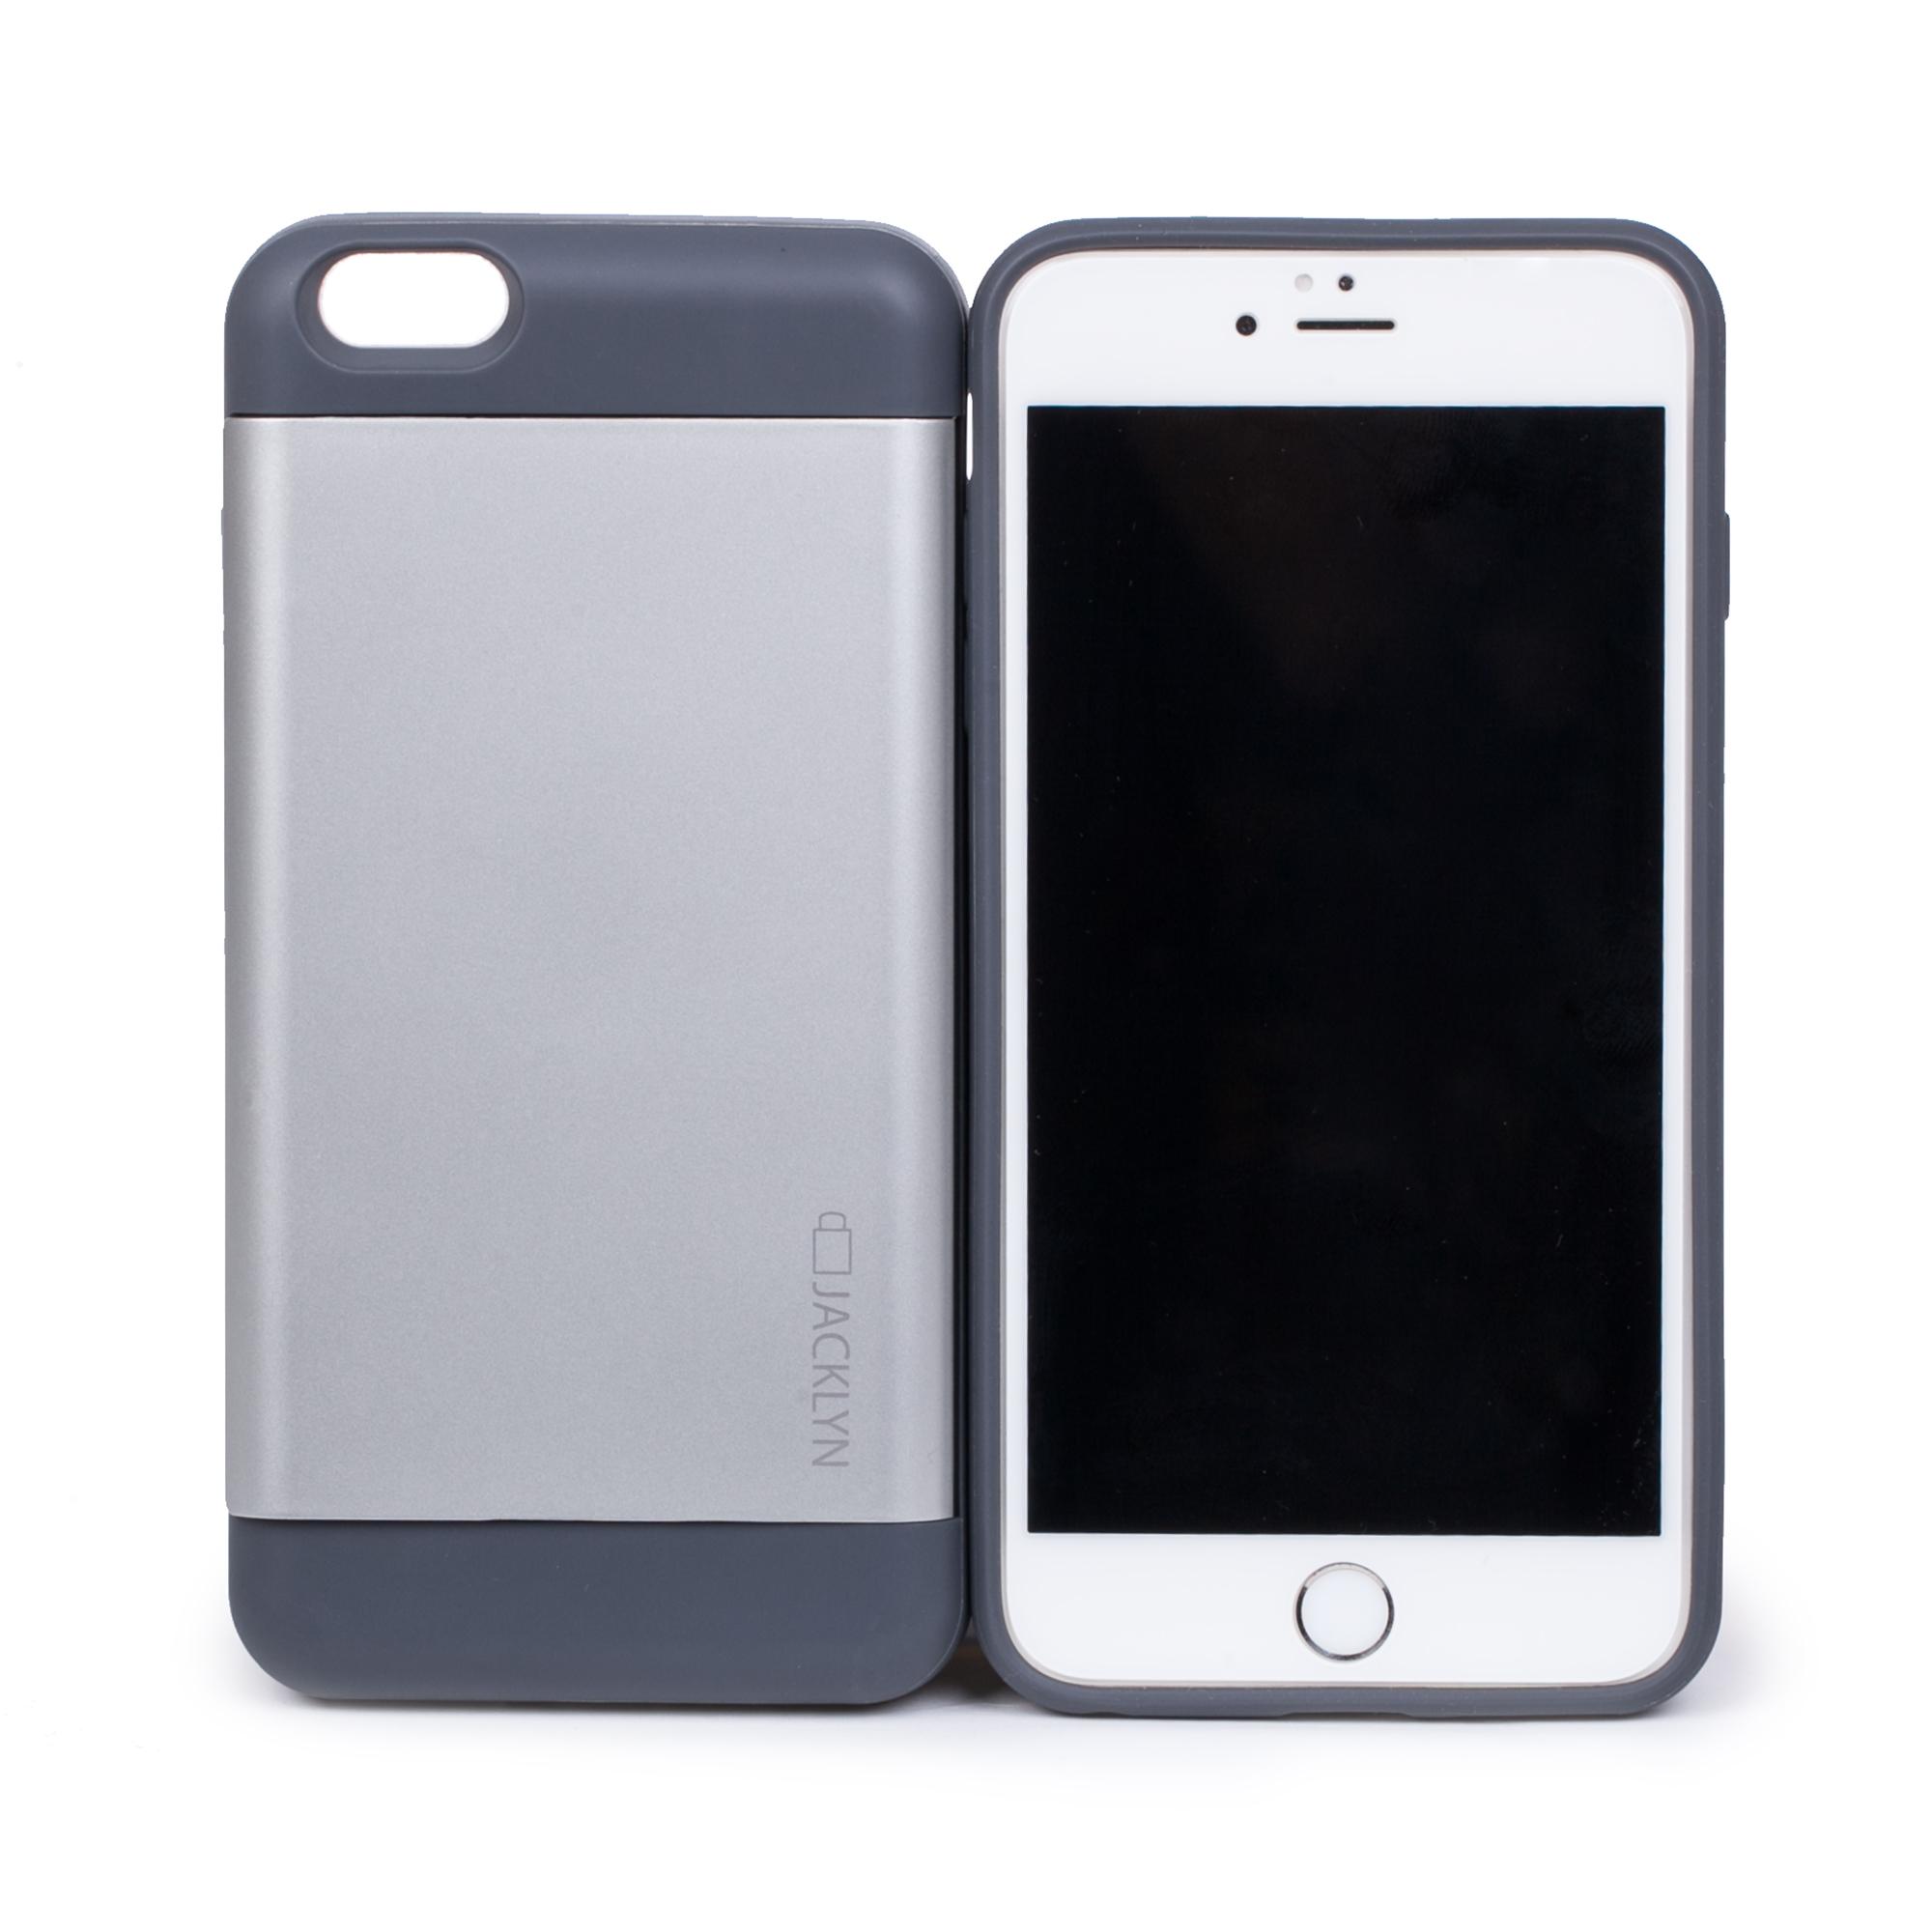 韩国原产JACKLYN苹果6plus手机壳apple手机套 防水耐高温 灰色